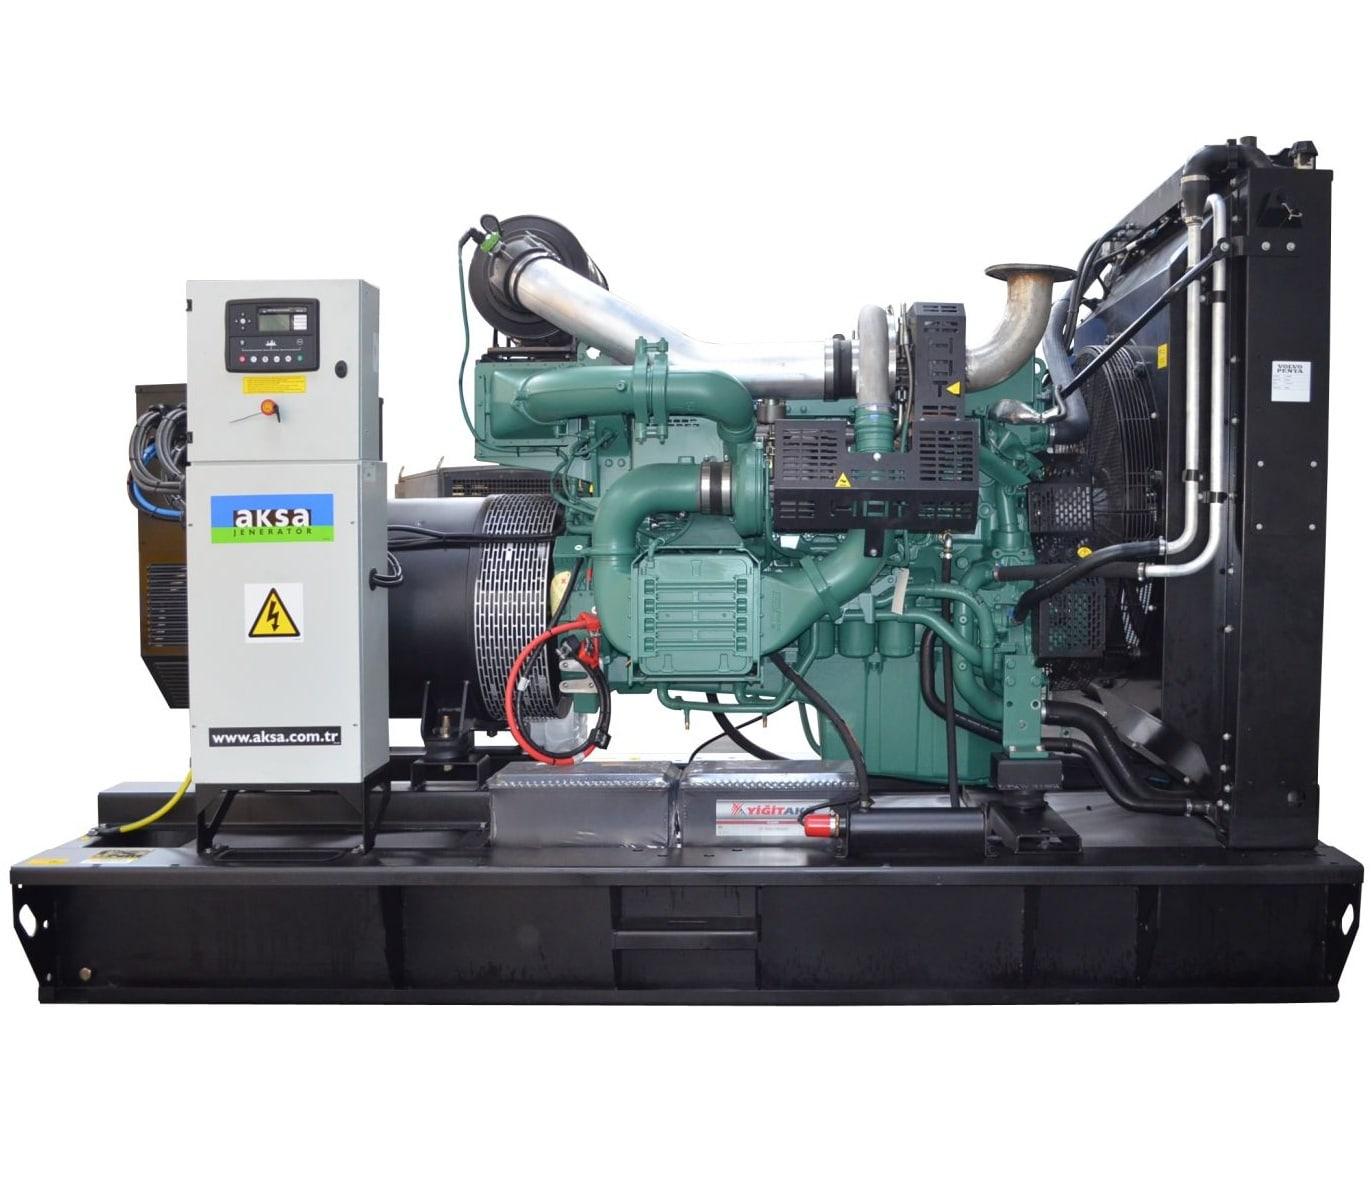 дизельная электростанция aksa avp-510